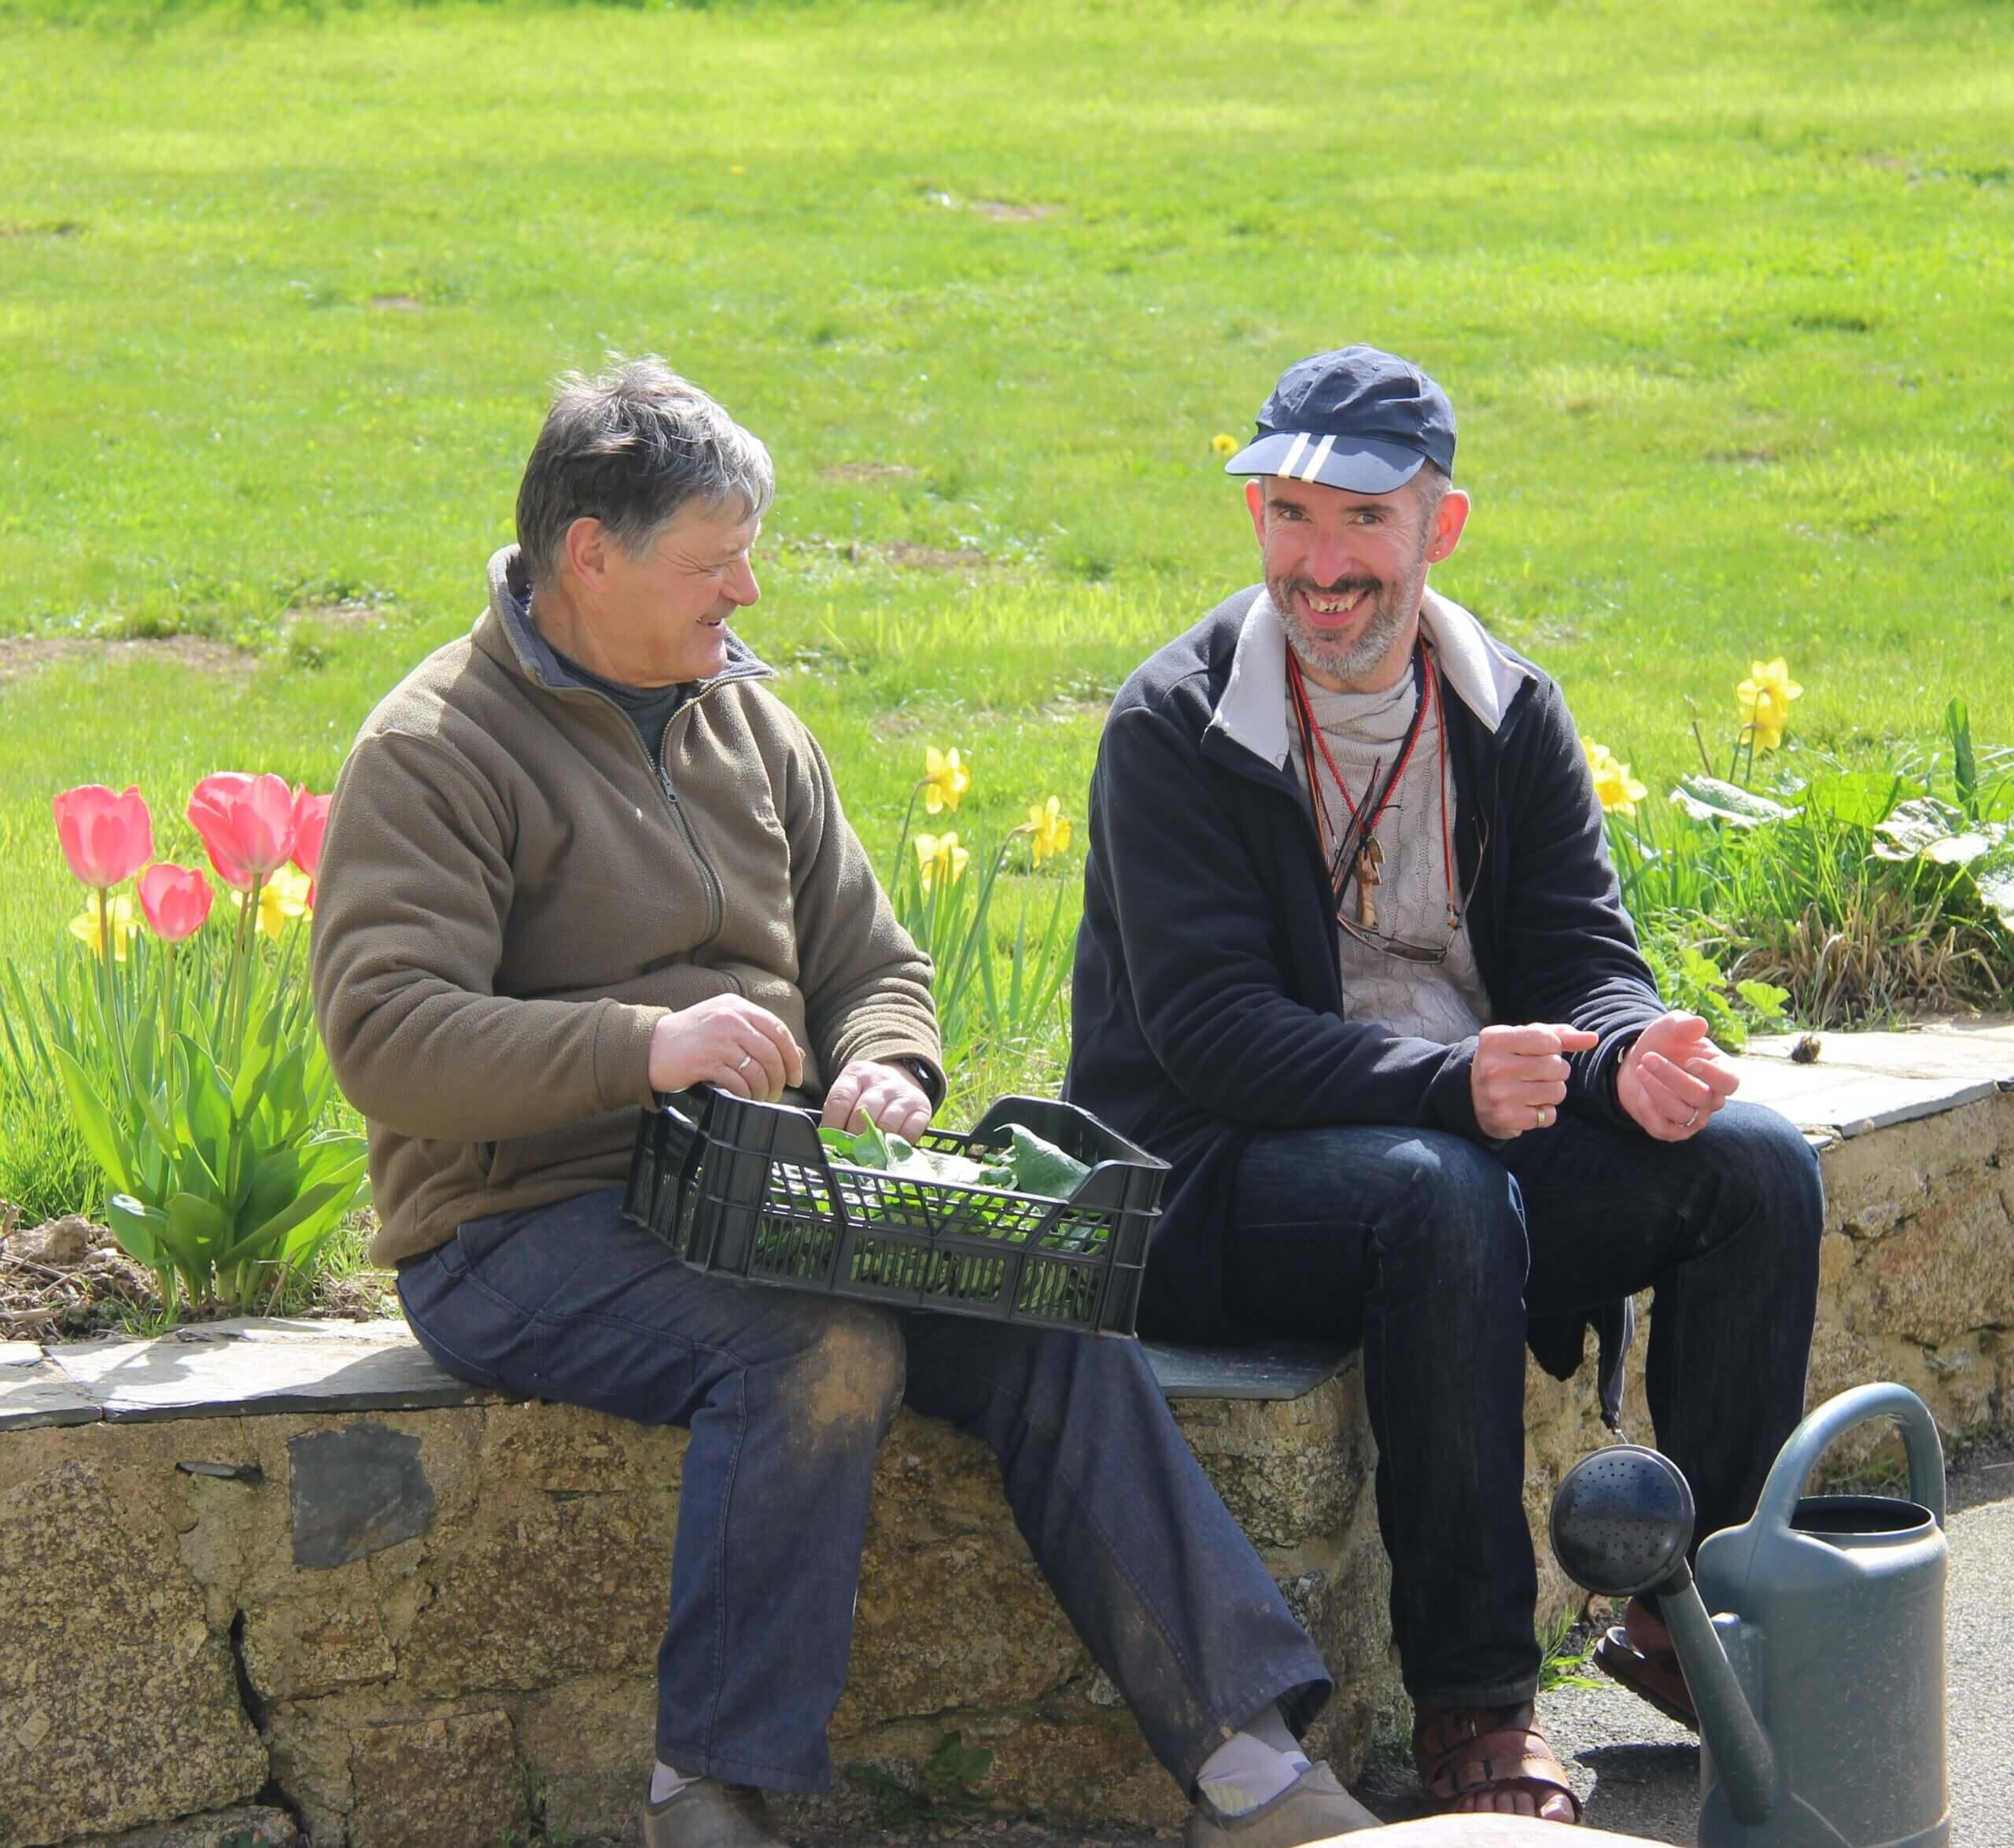 Deux personnes handicapées mentales en train de discuter